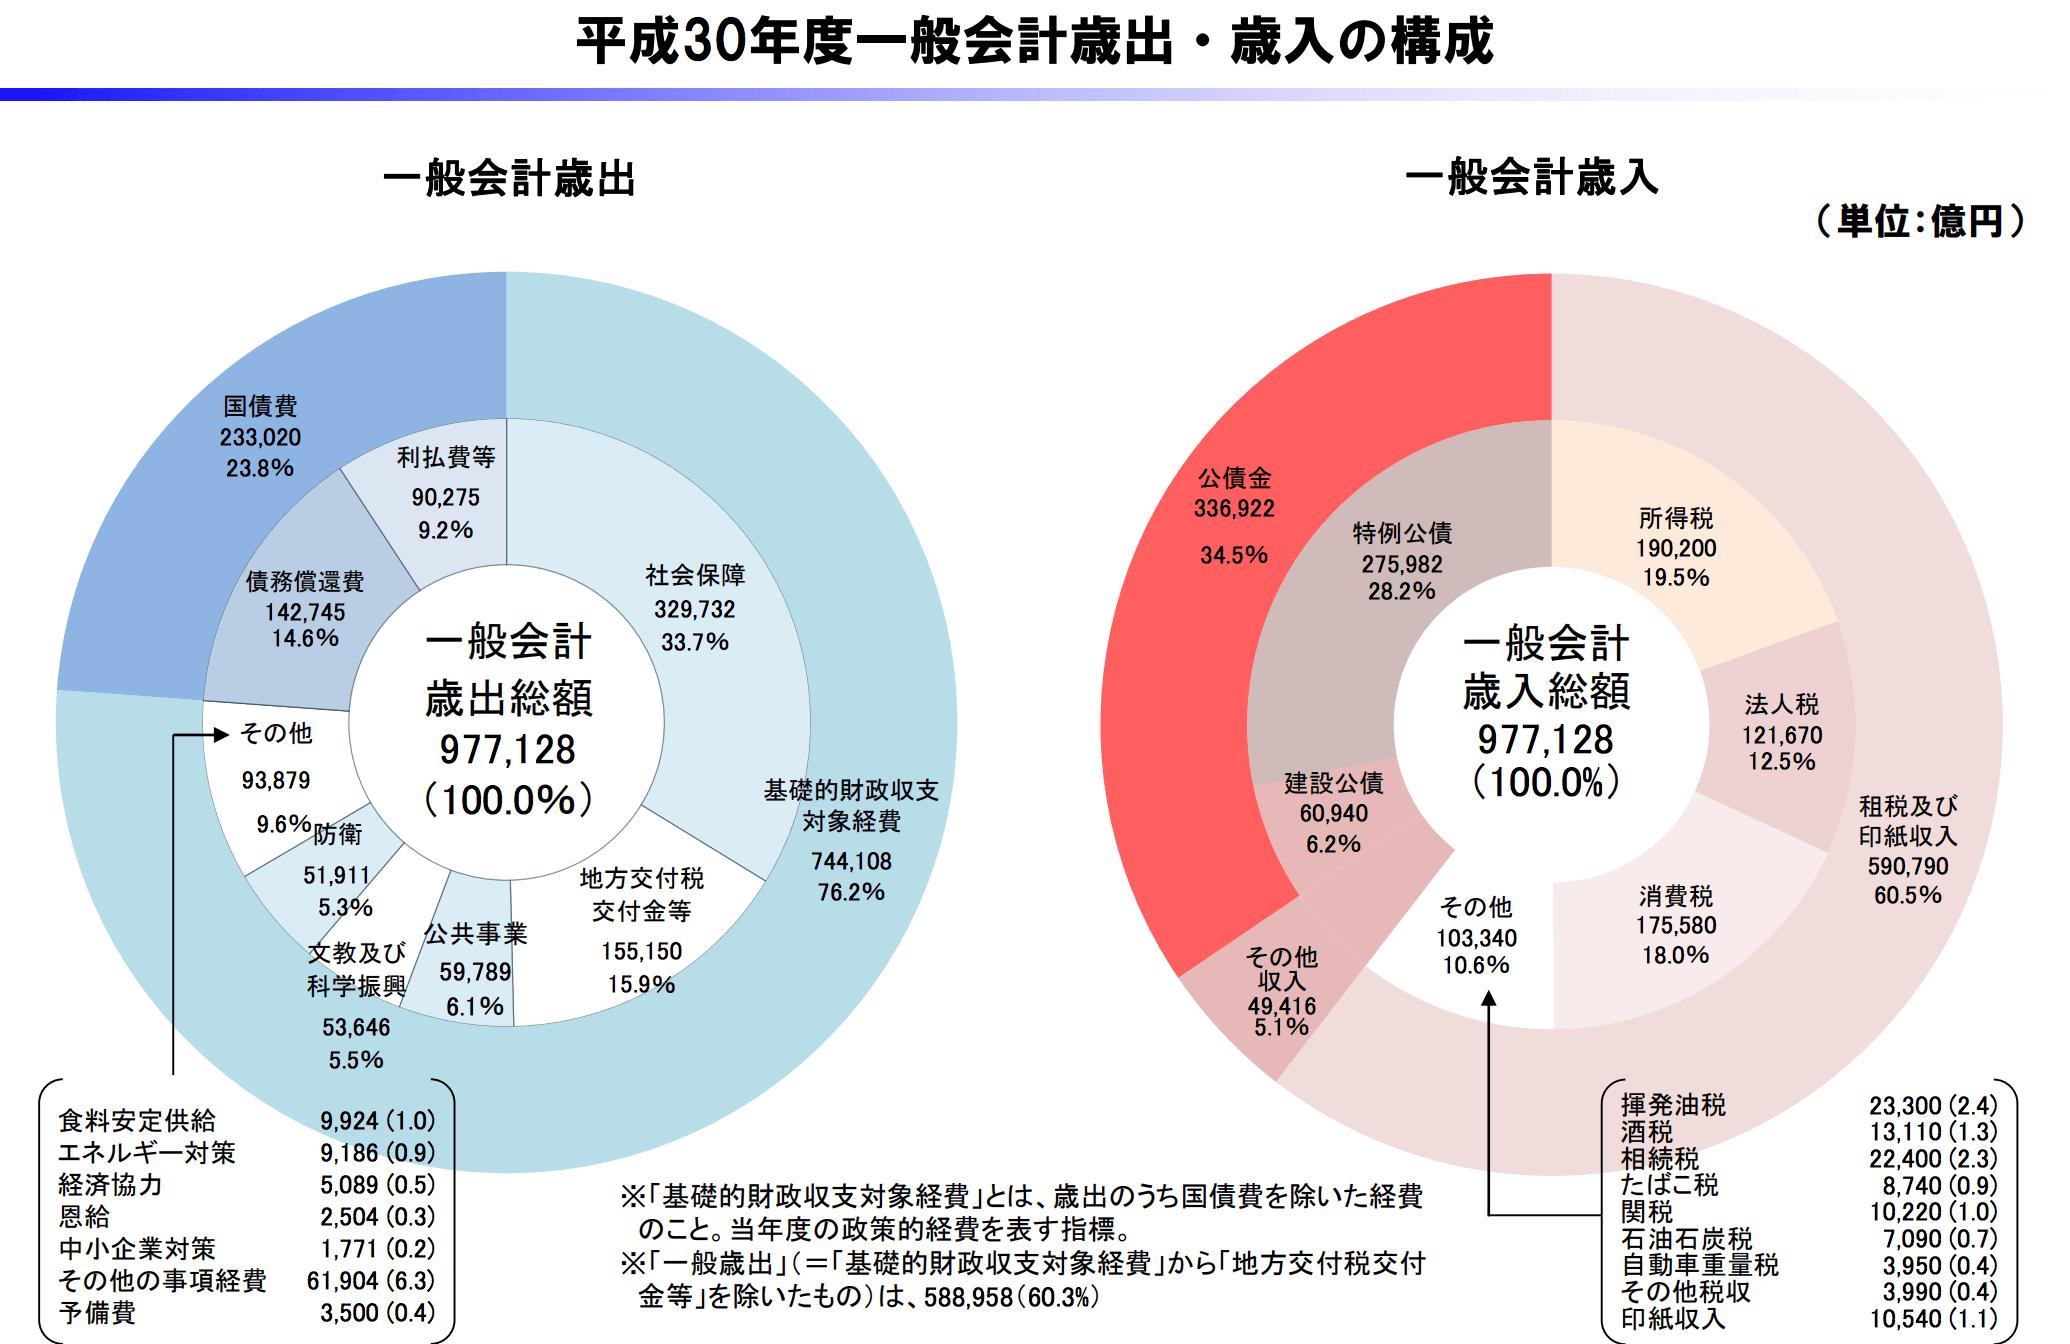 日本の財政の現状と課題